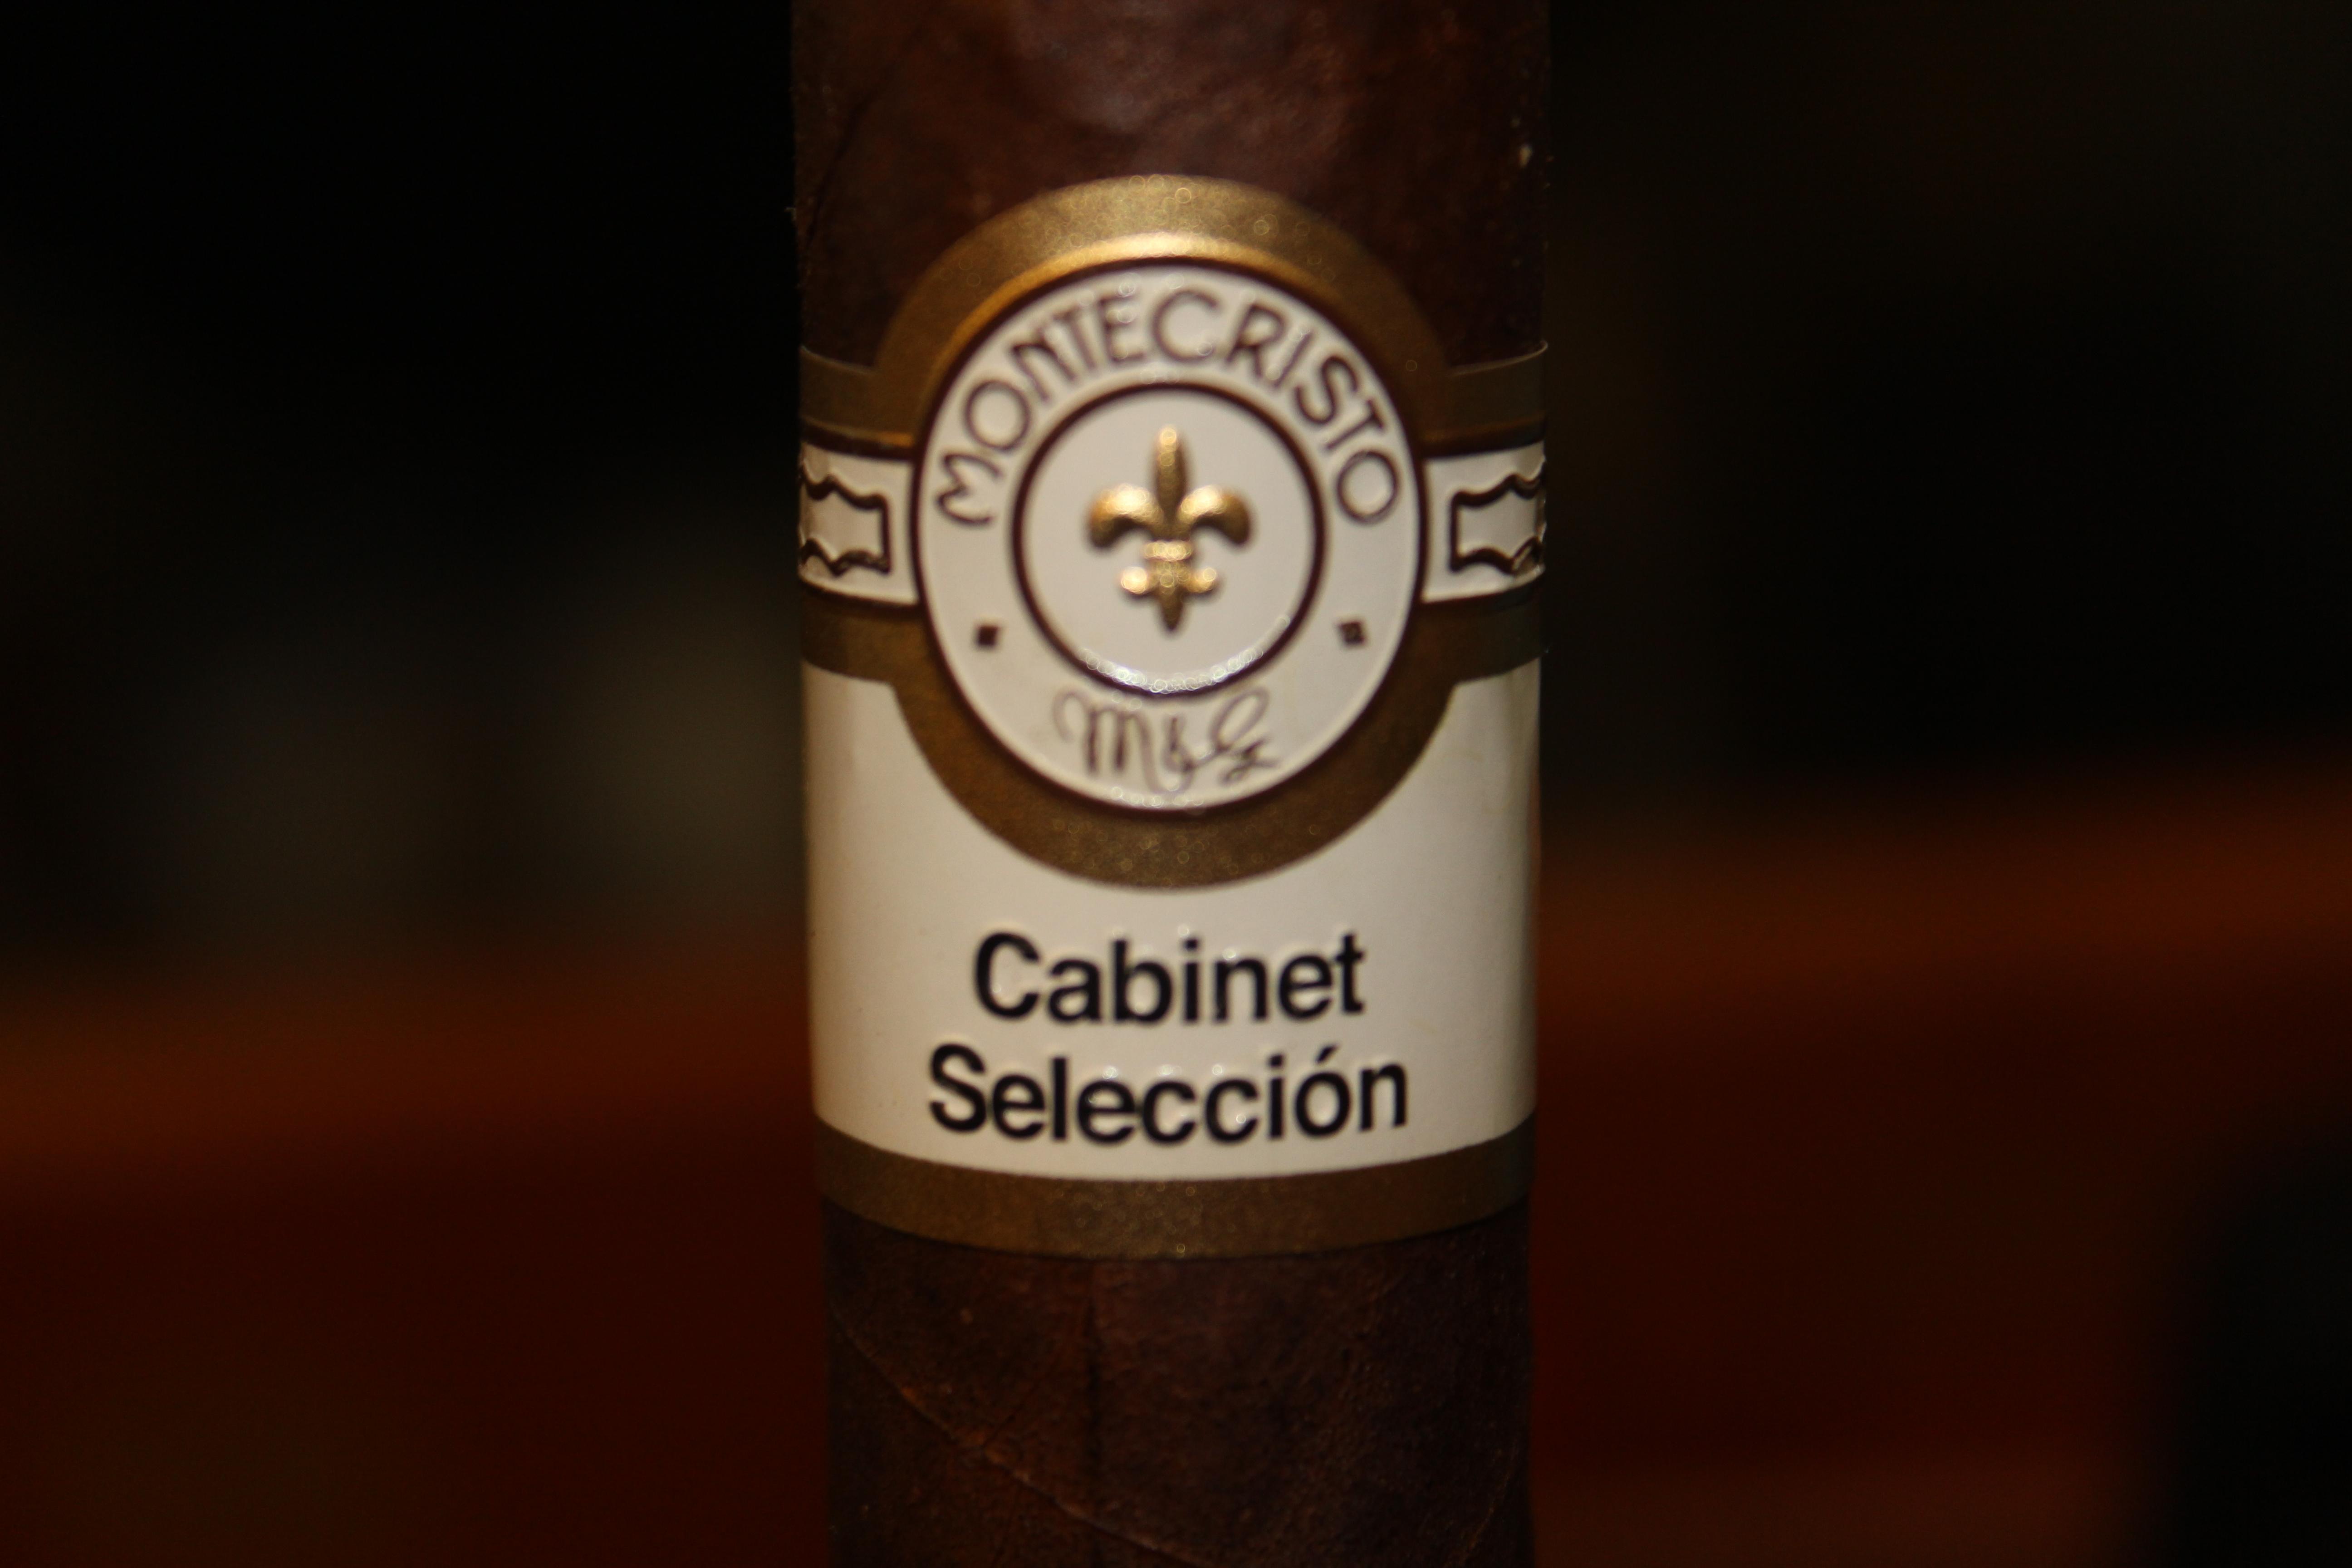 Montecristo Cabinet Selección Robusto – Cigar Review